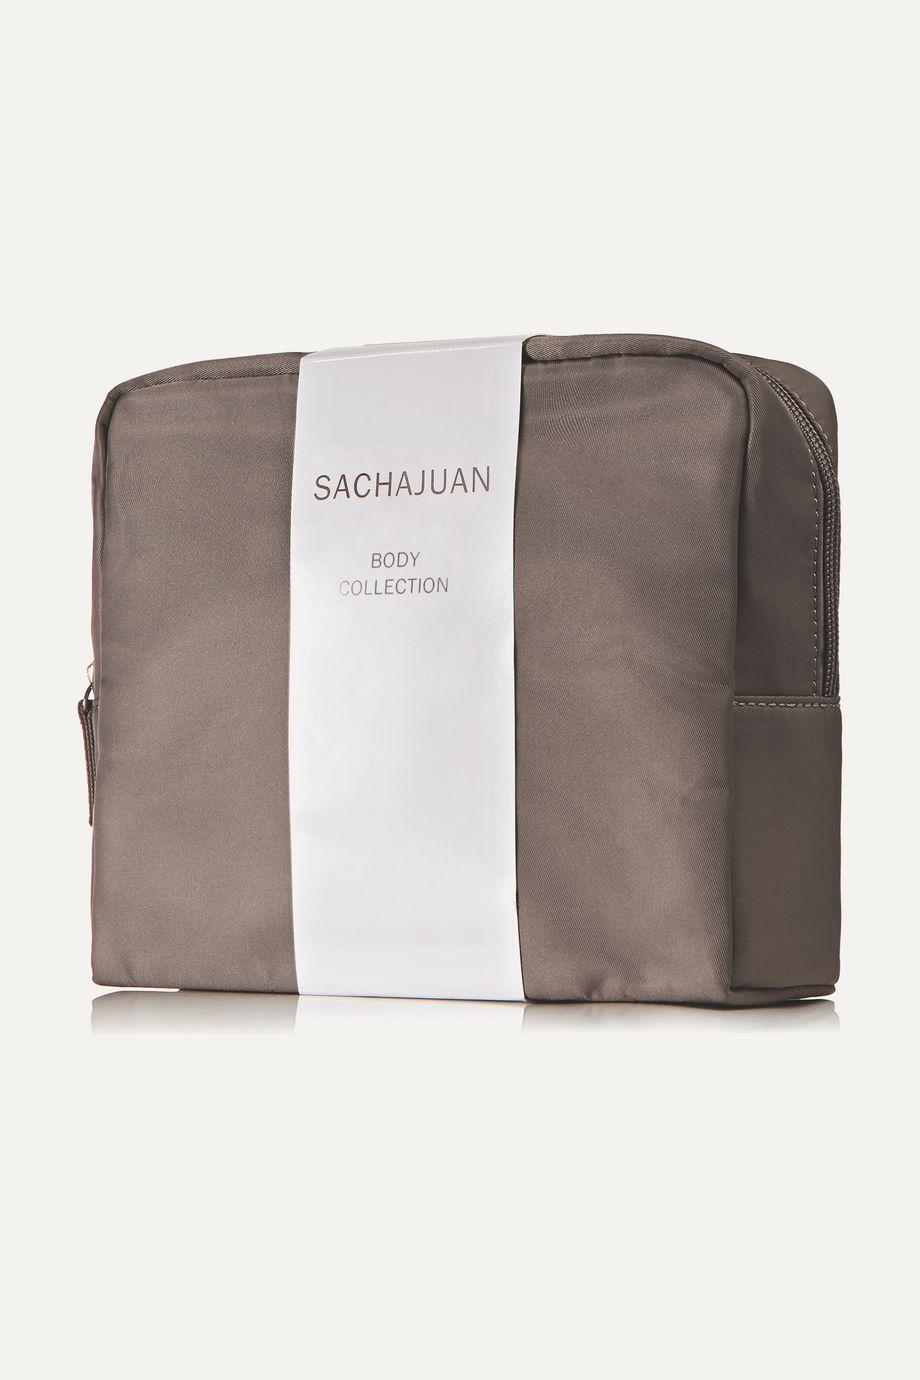 SACHAJUAN Body Collection